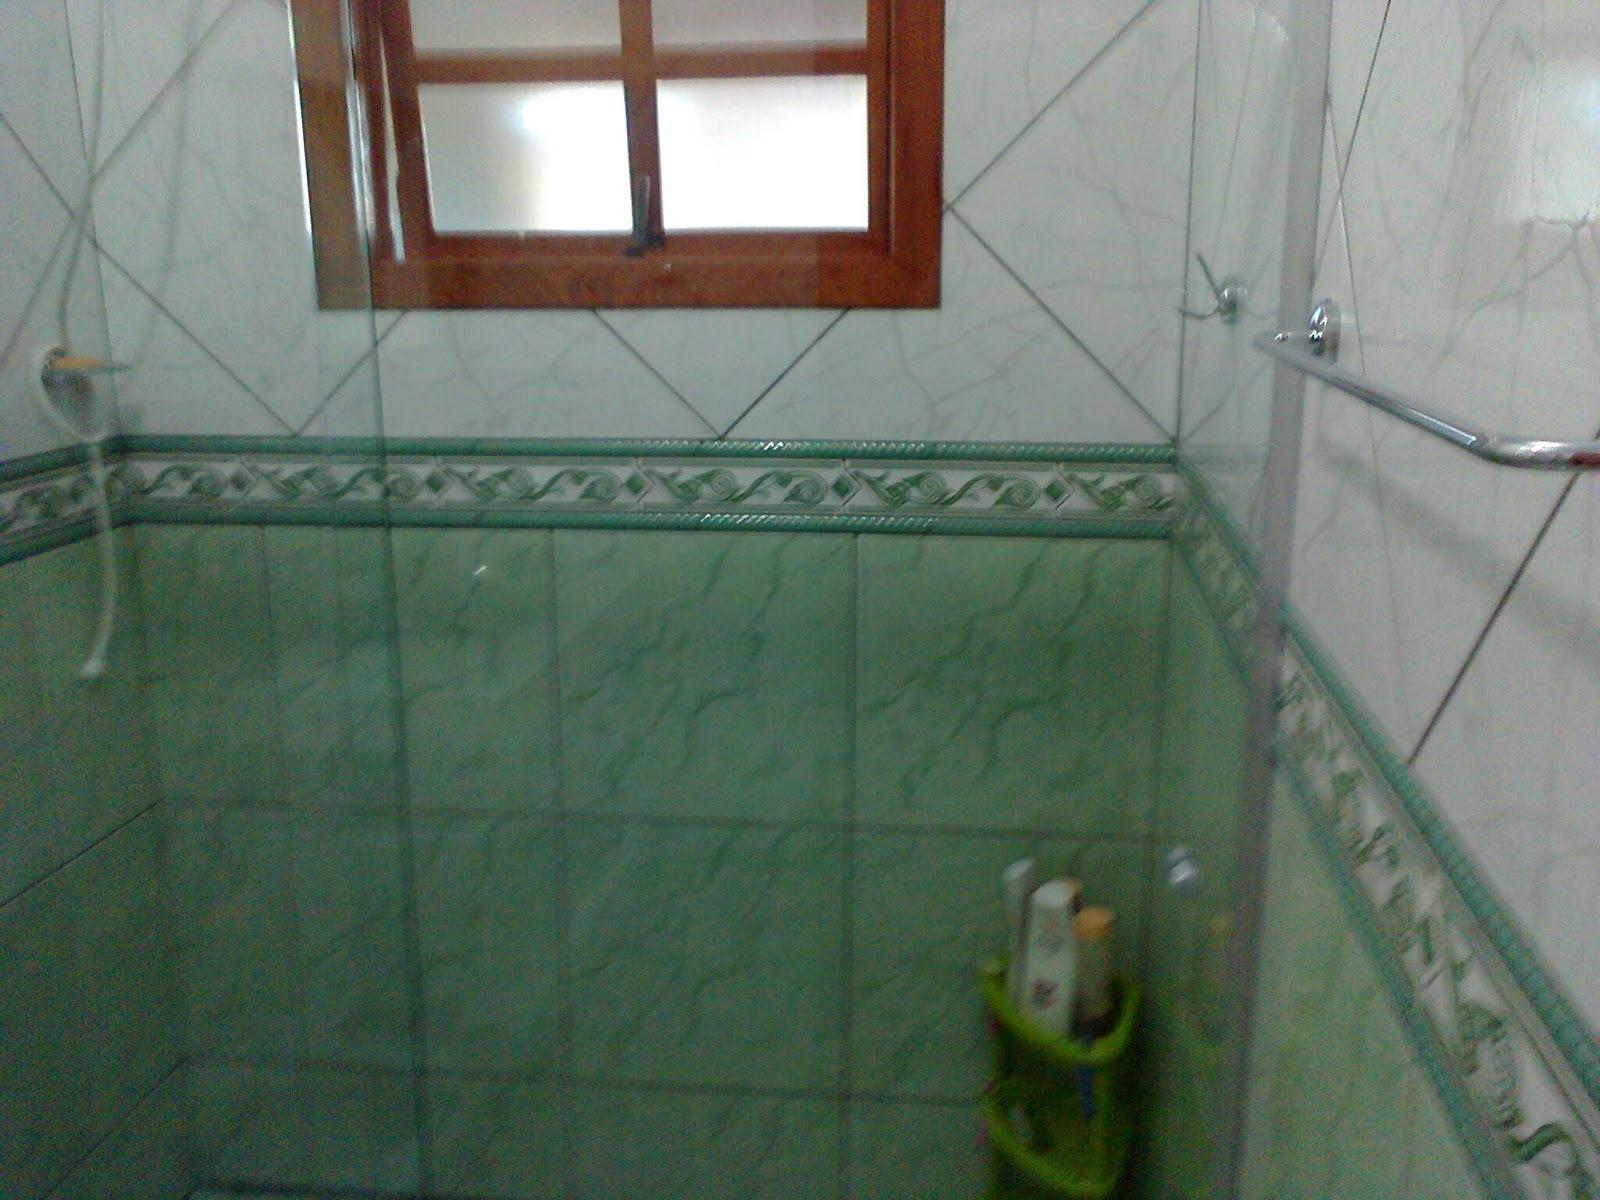 Arte Pisos & Azulejos: Banheiros #643C2B 1600x1200 Azulejos Banheiro Preto E Branco